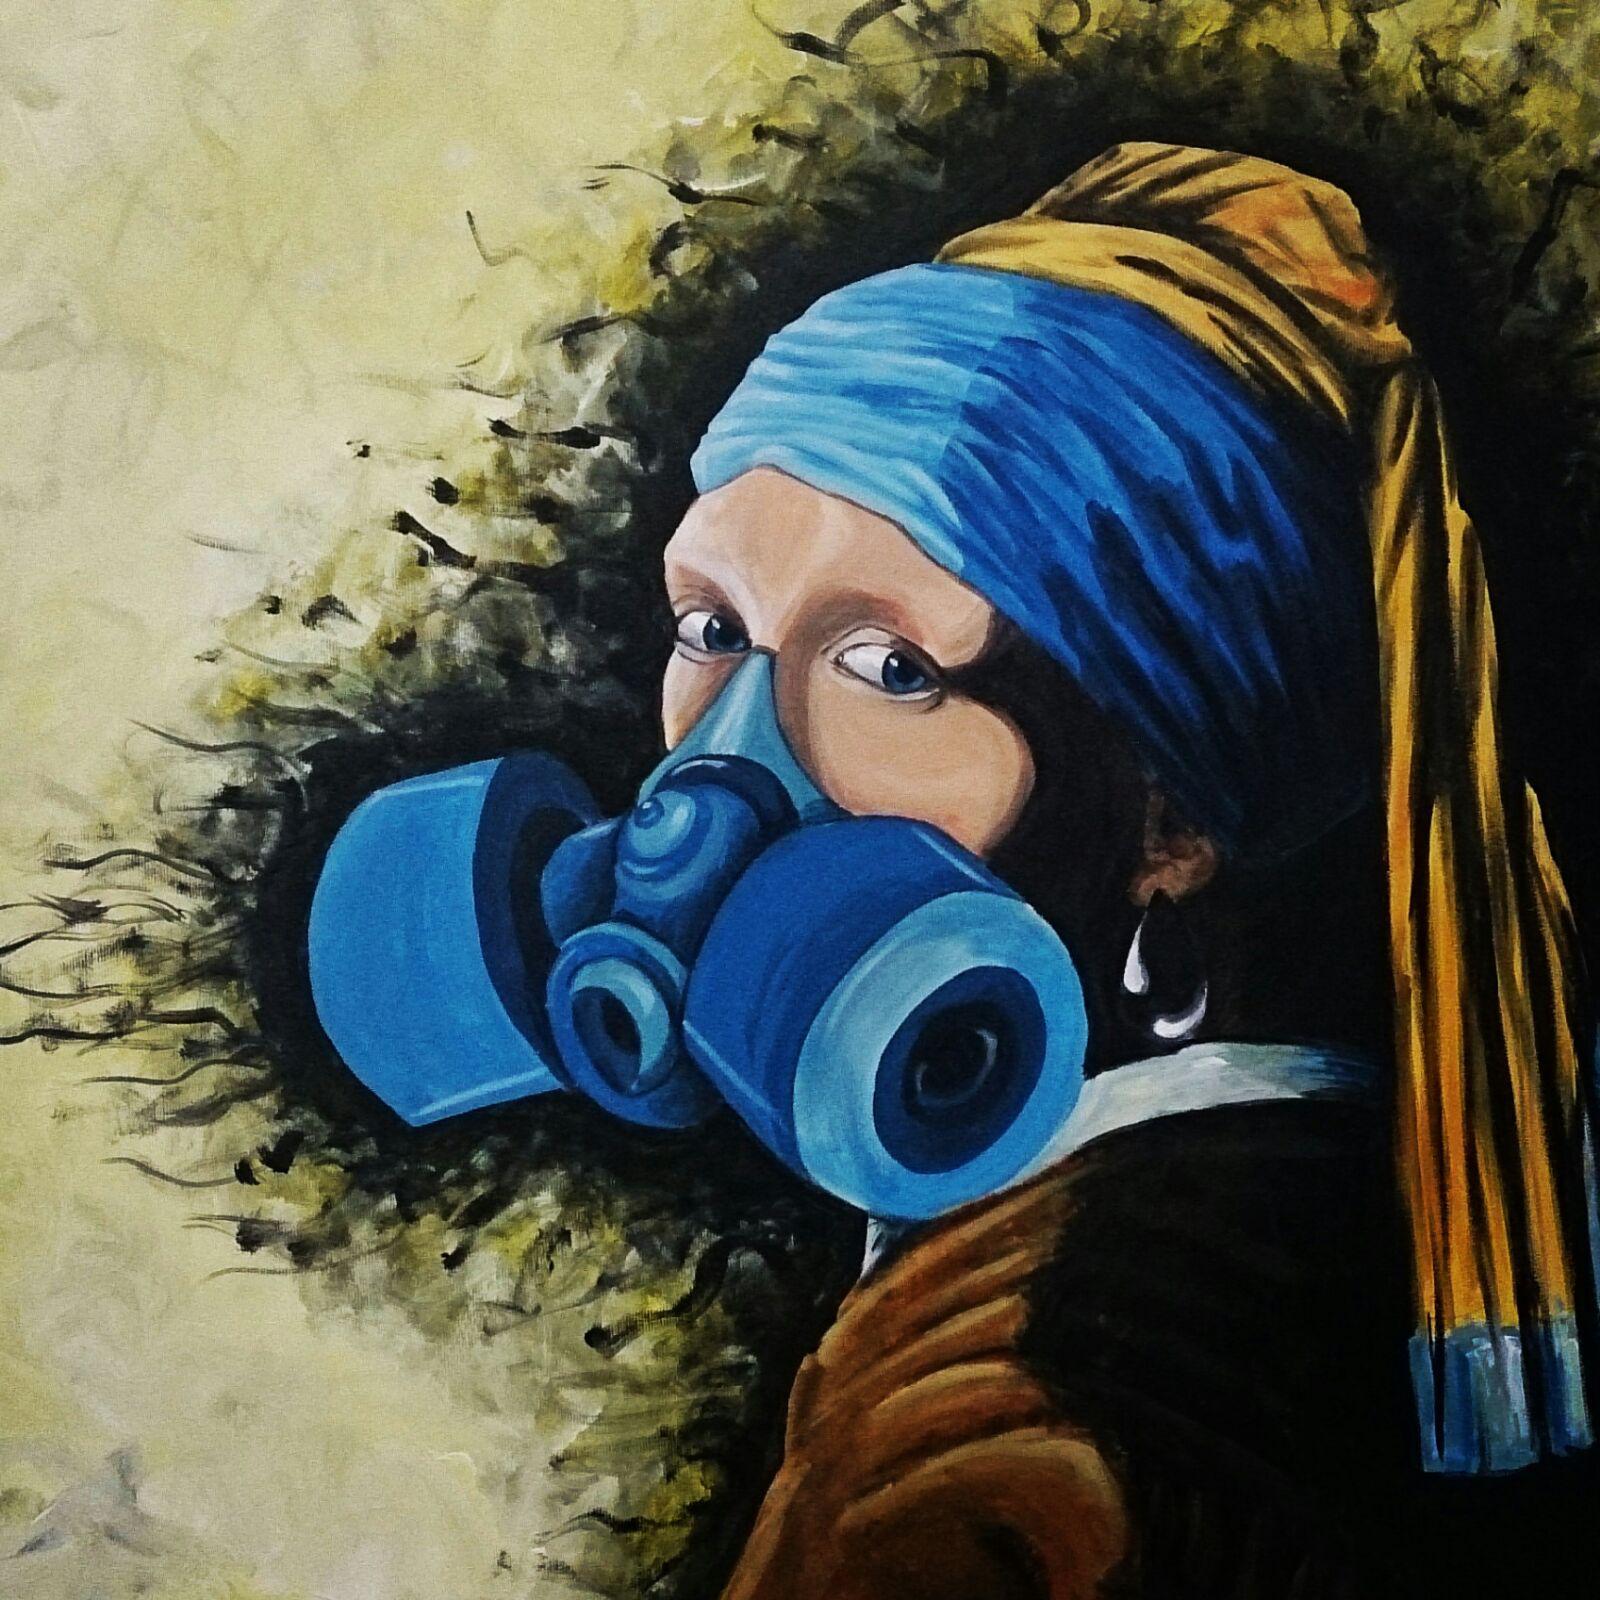 La ragazza con il turbante